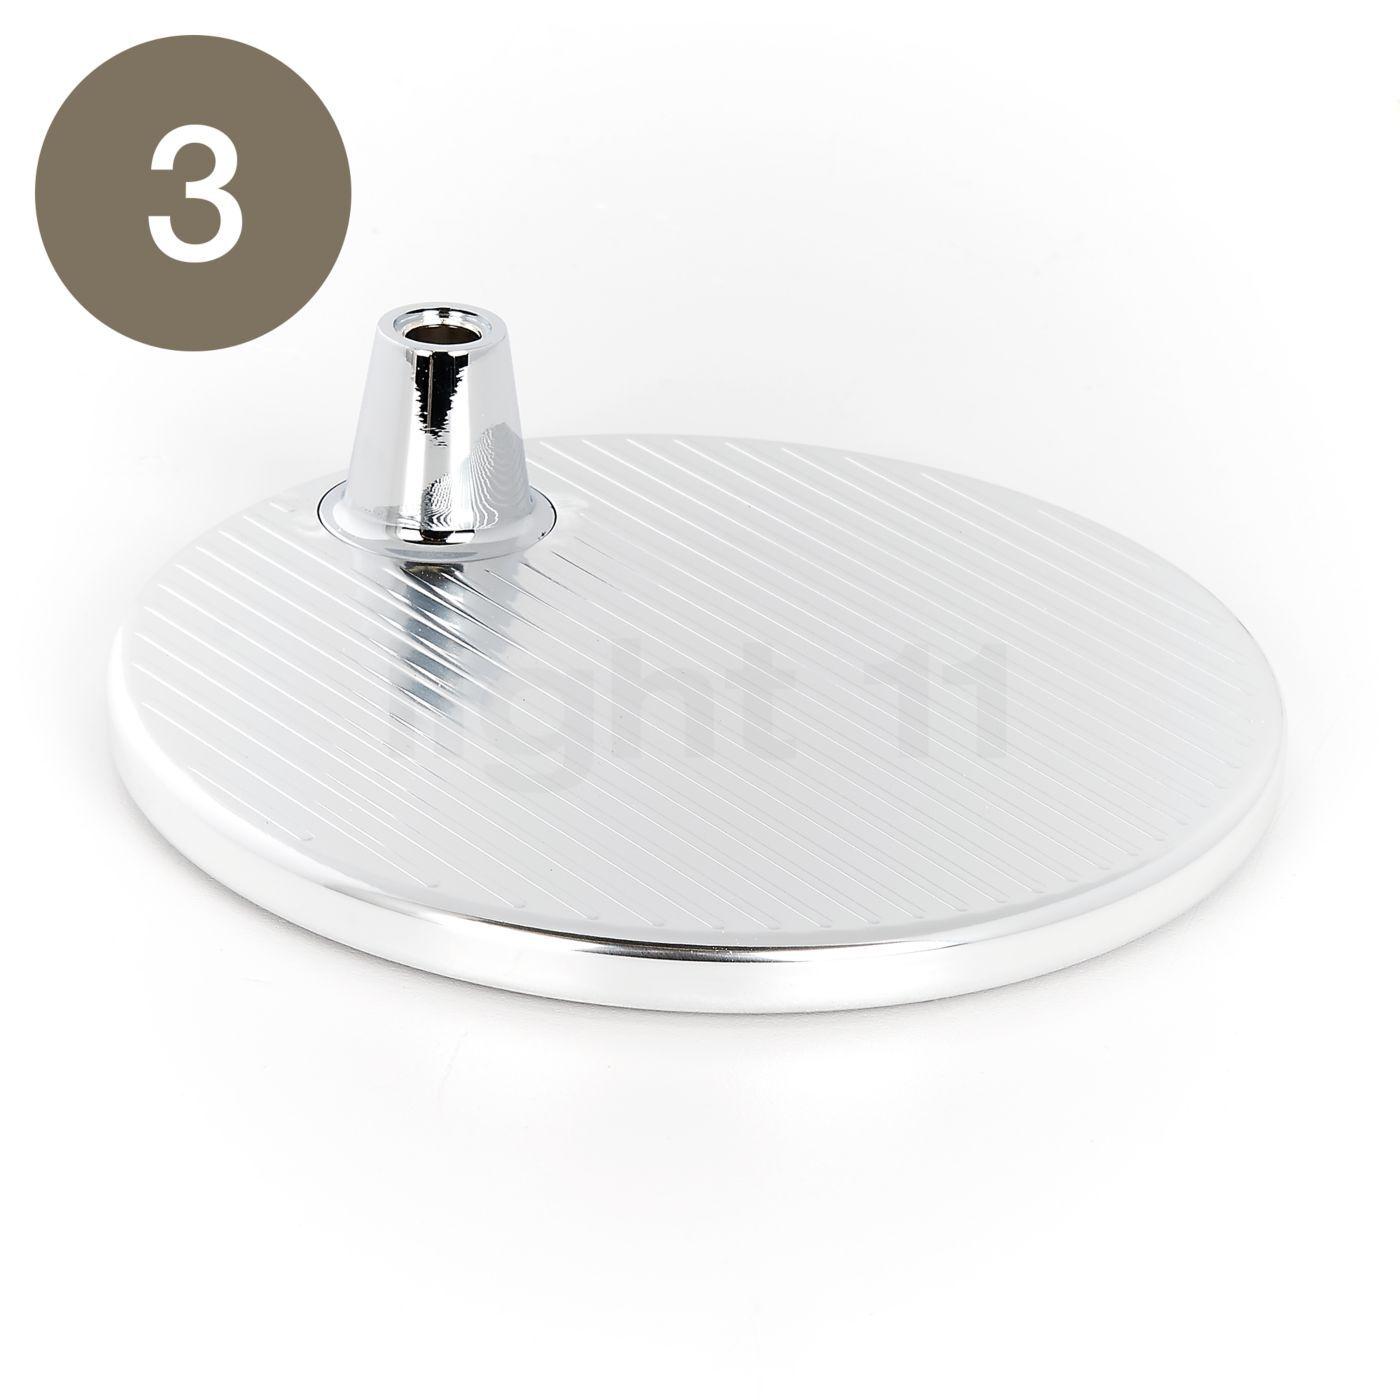 Artemide Pièces détachées pour Tolomeo Micro, alu, Pièce n° 3 : pied de lampe